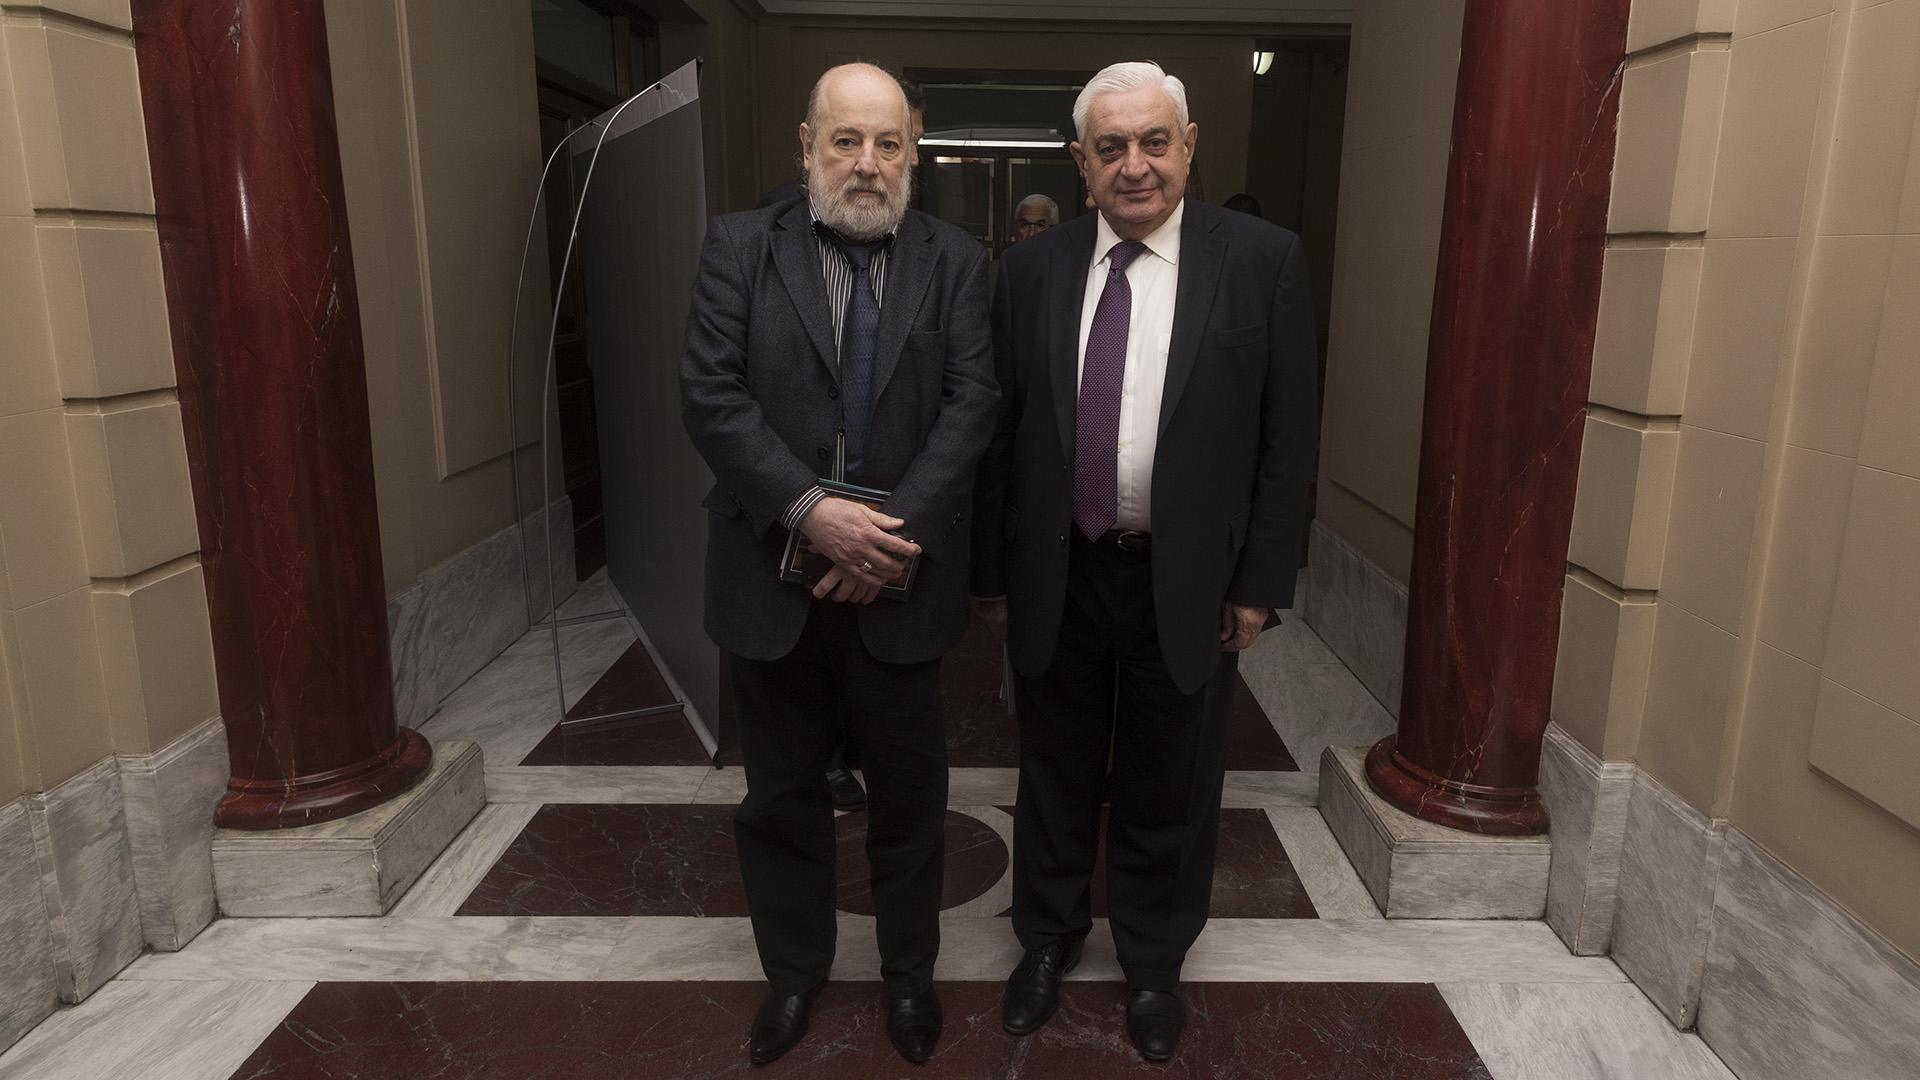 Claudio Bonadio, Juez Federal de la Nación y Adelmo Gabbi presidente de la Bolsa de Comercio (Adrián Escandar)